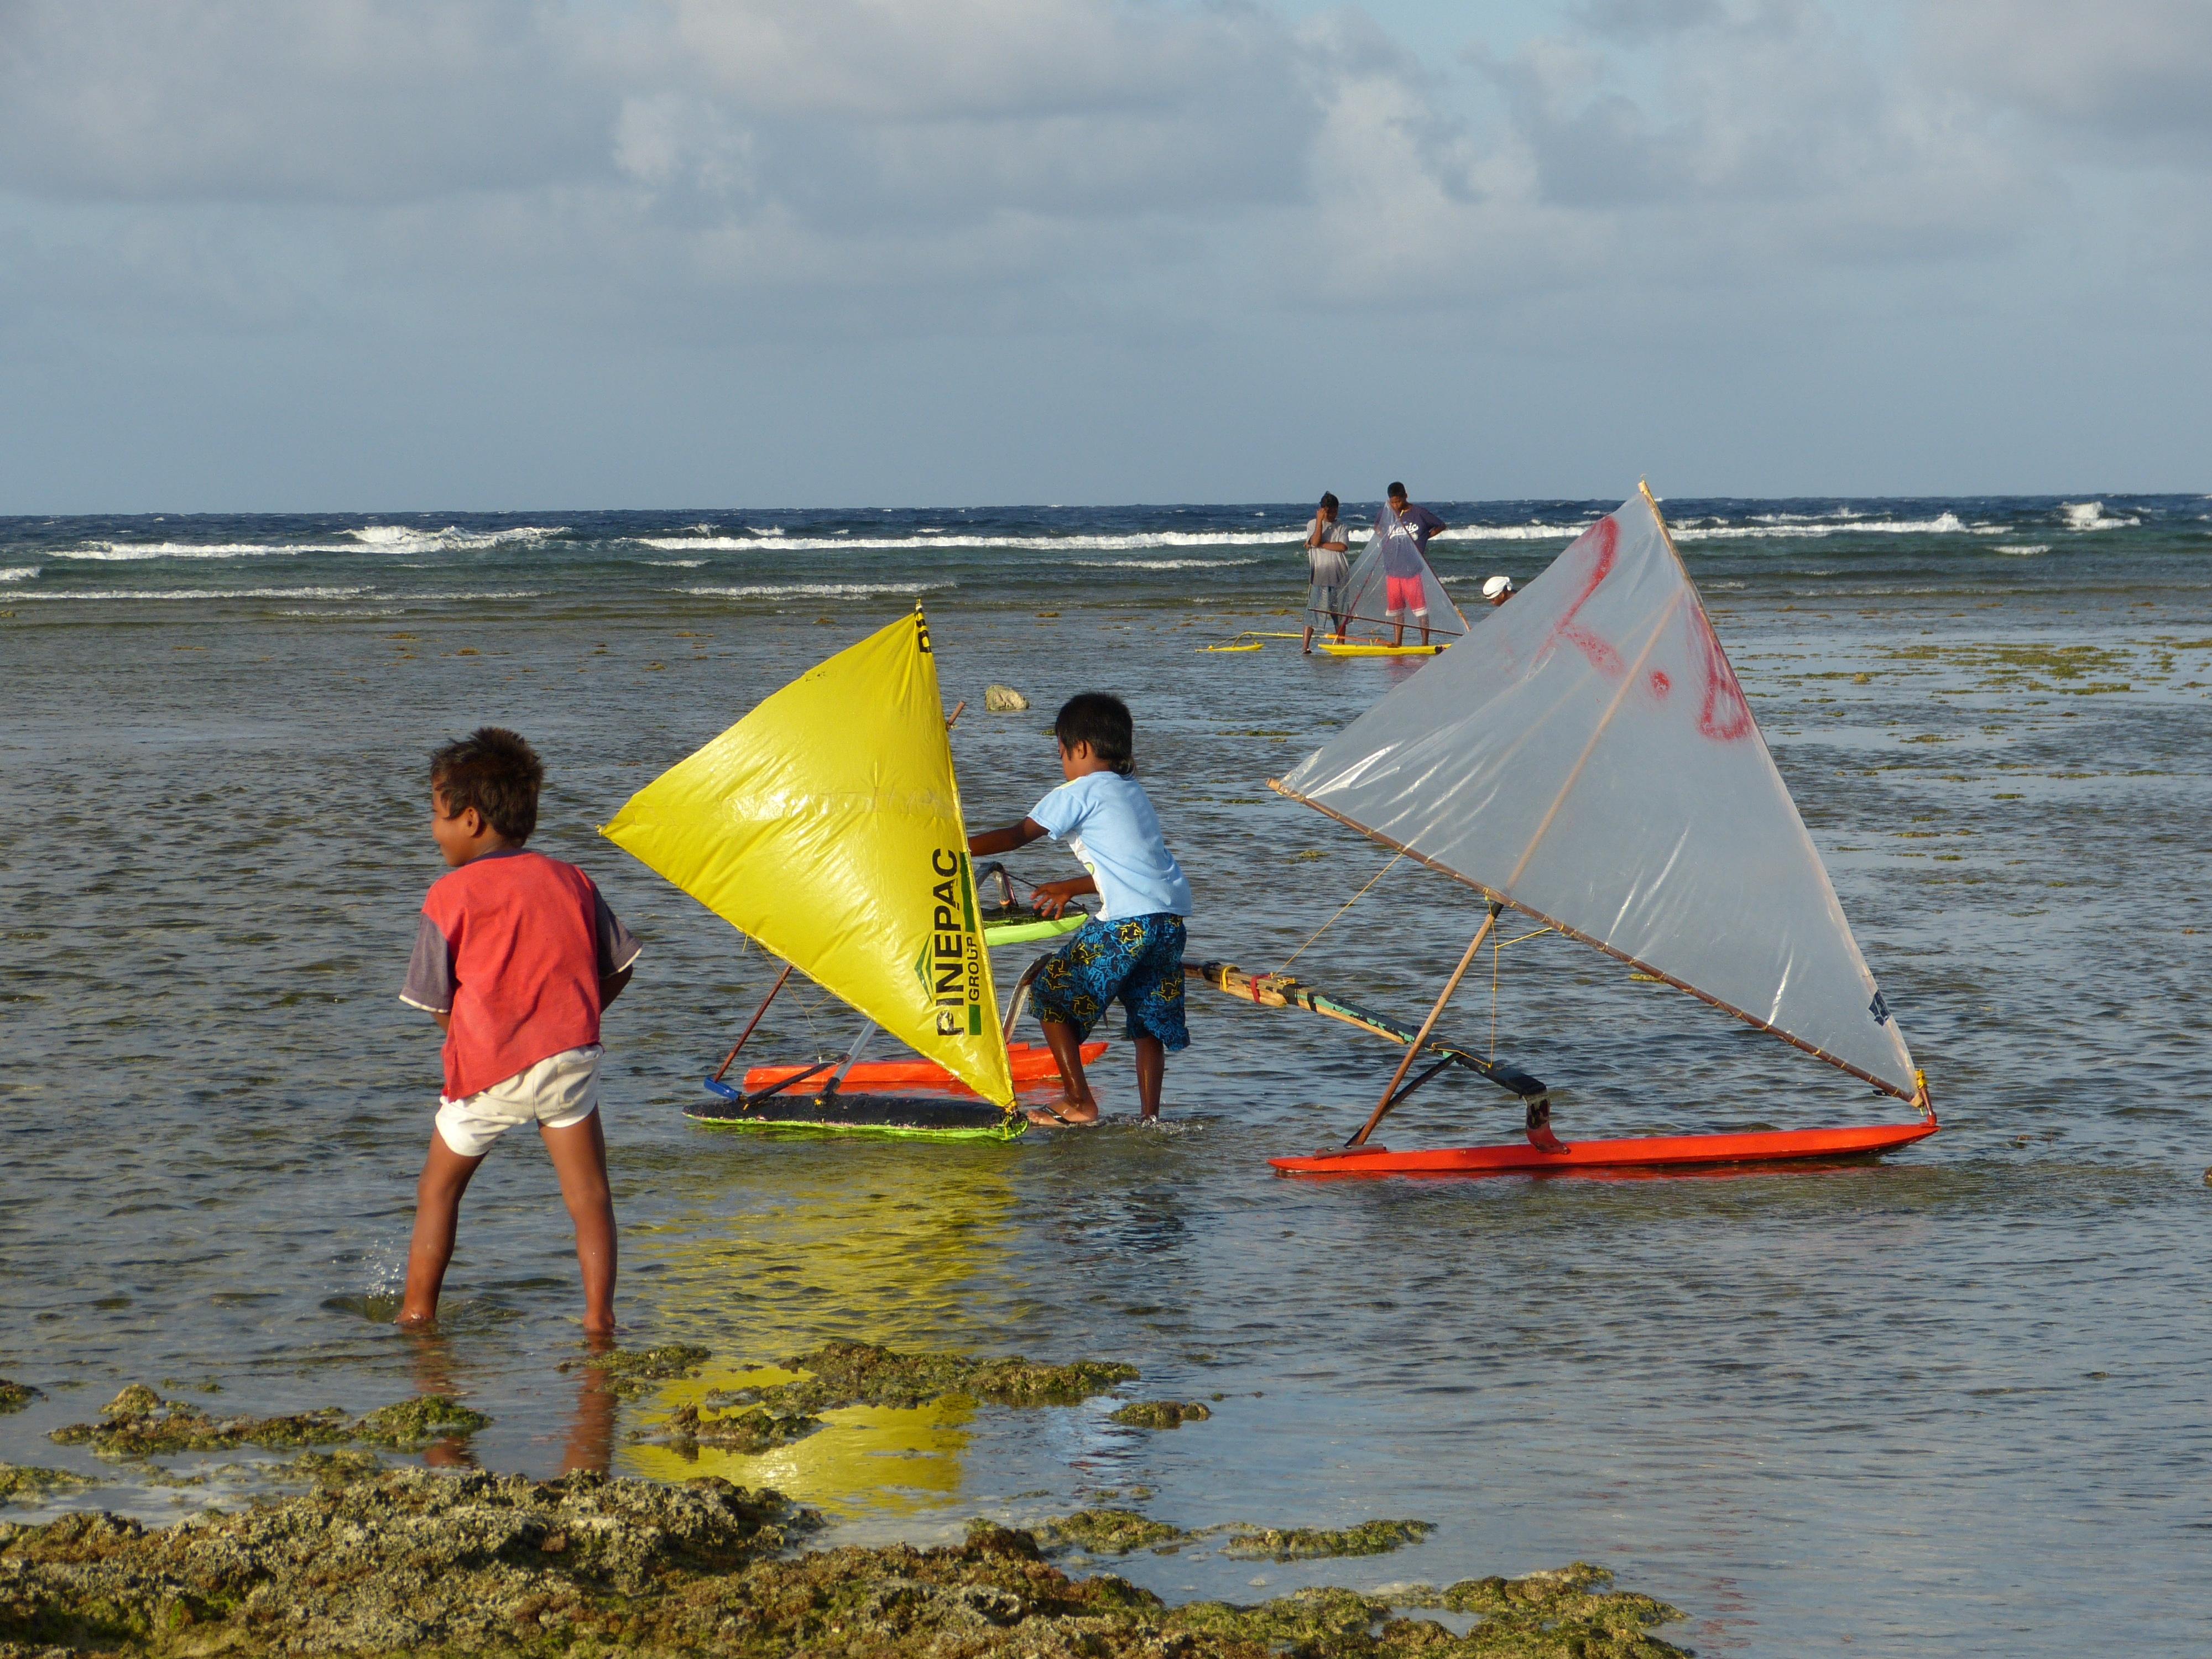 הרצאות מסע - סירות קאנו באיי מרשל